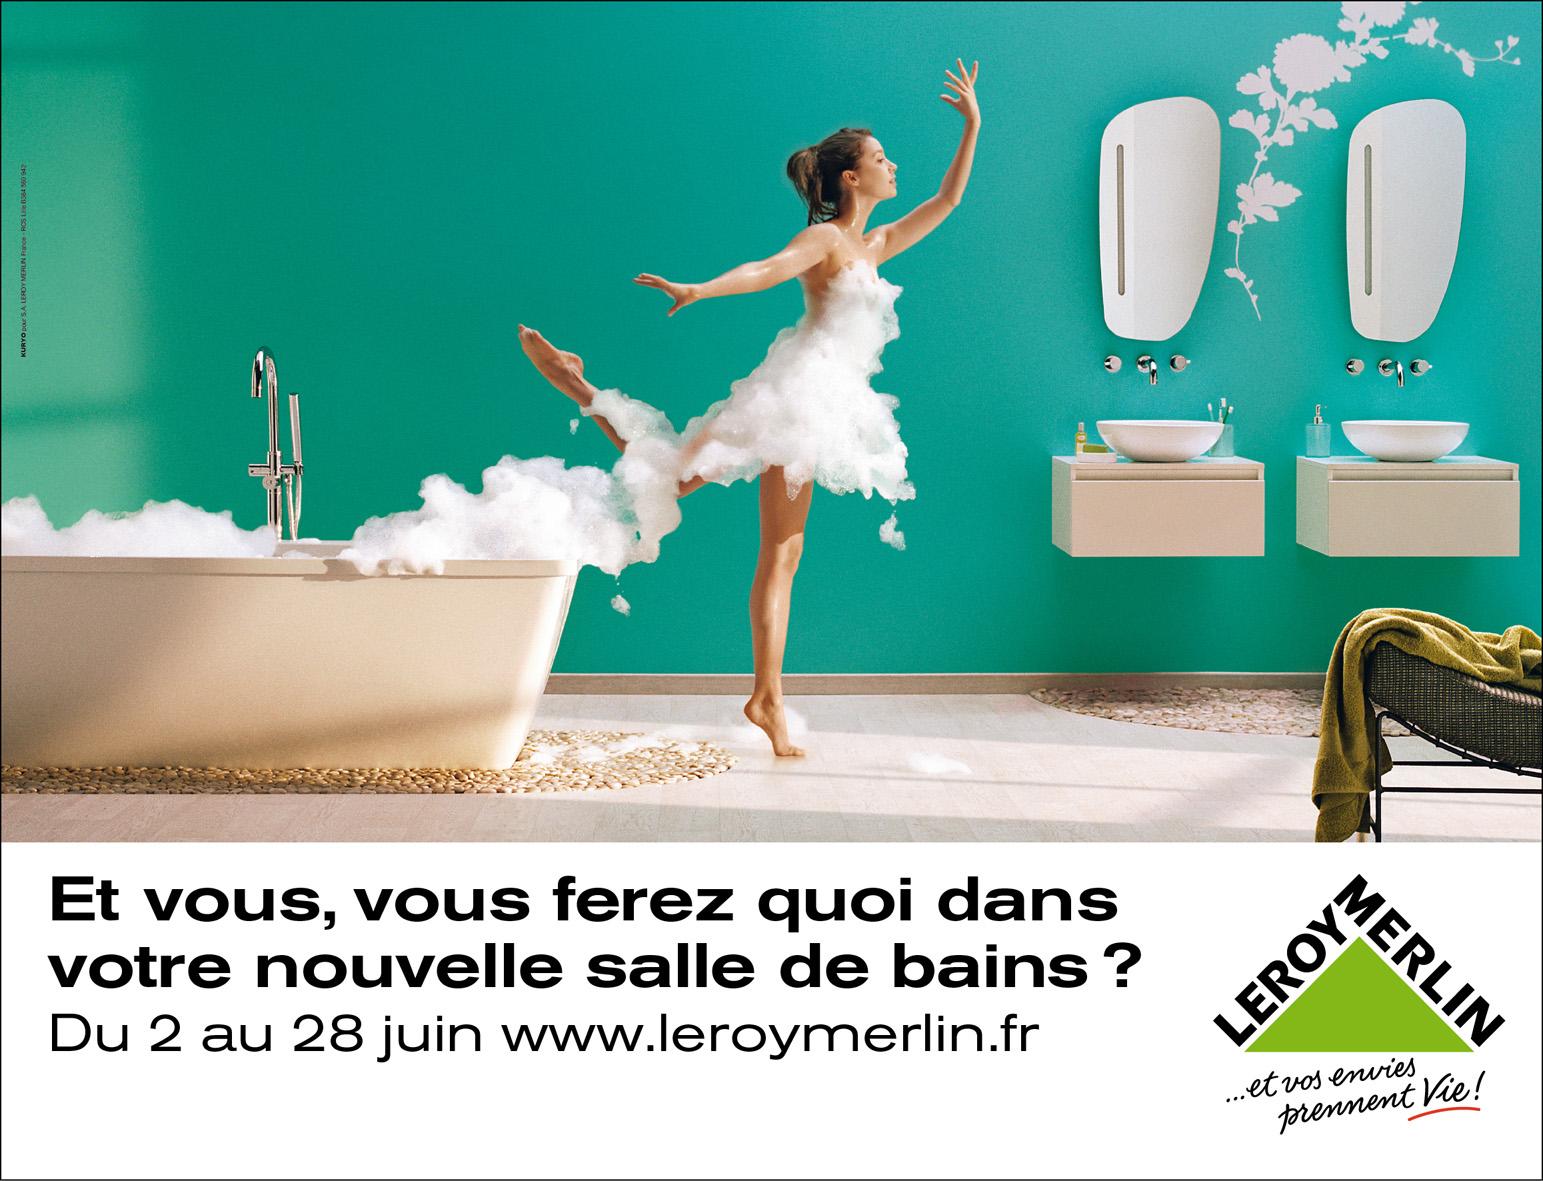 Kuryo Affiche La Cuisine Et La Salle De Bains Pour Leroy Merlin